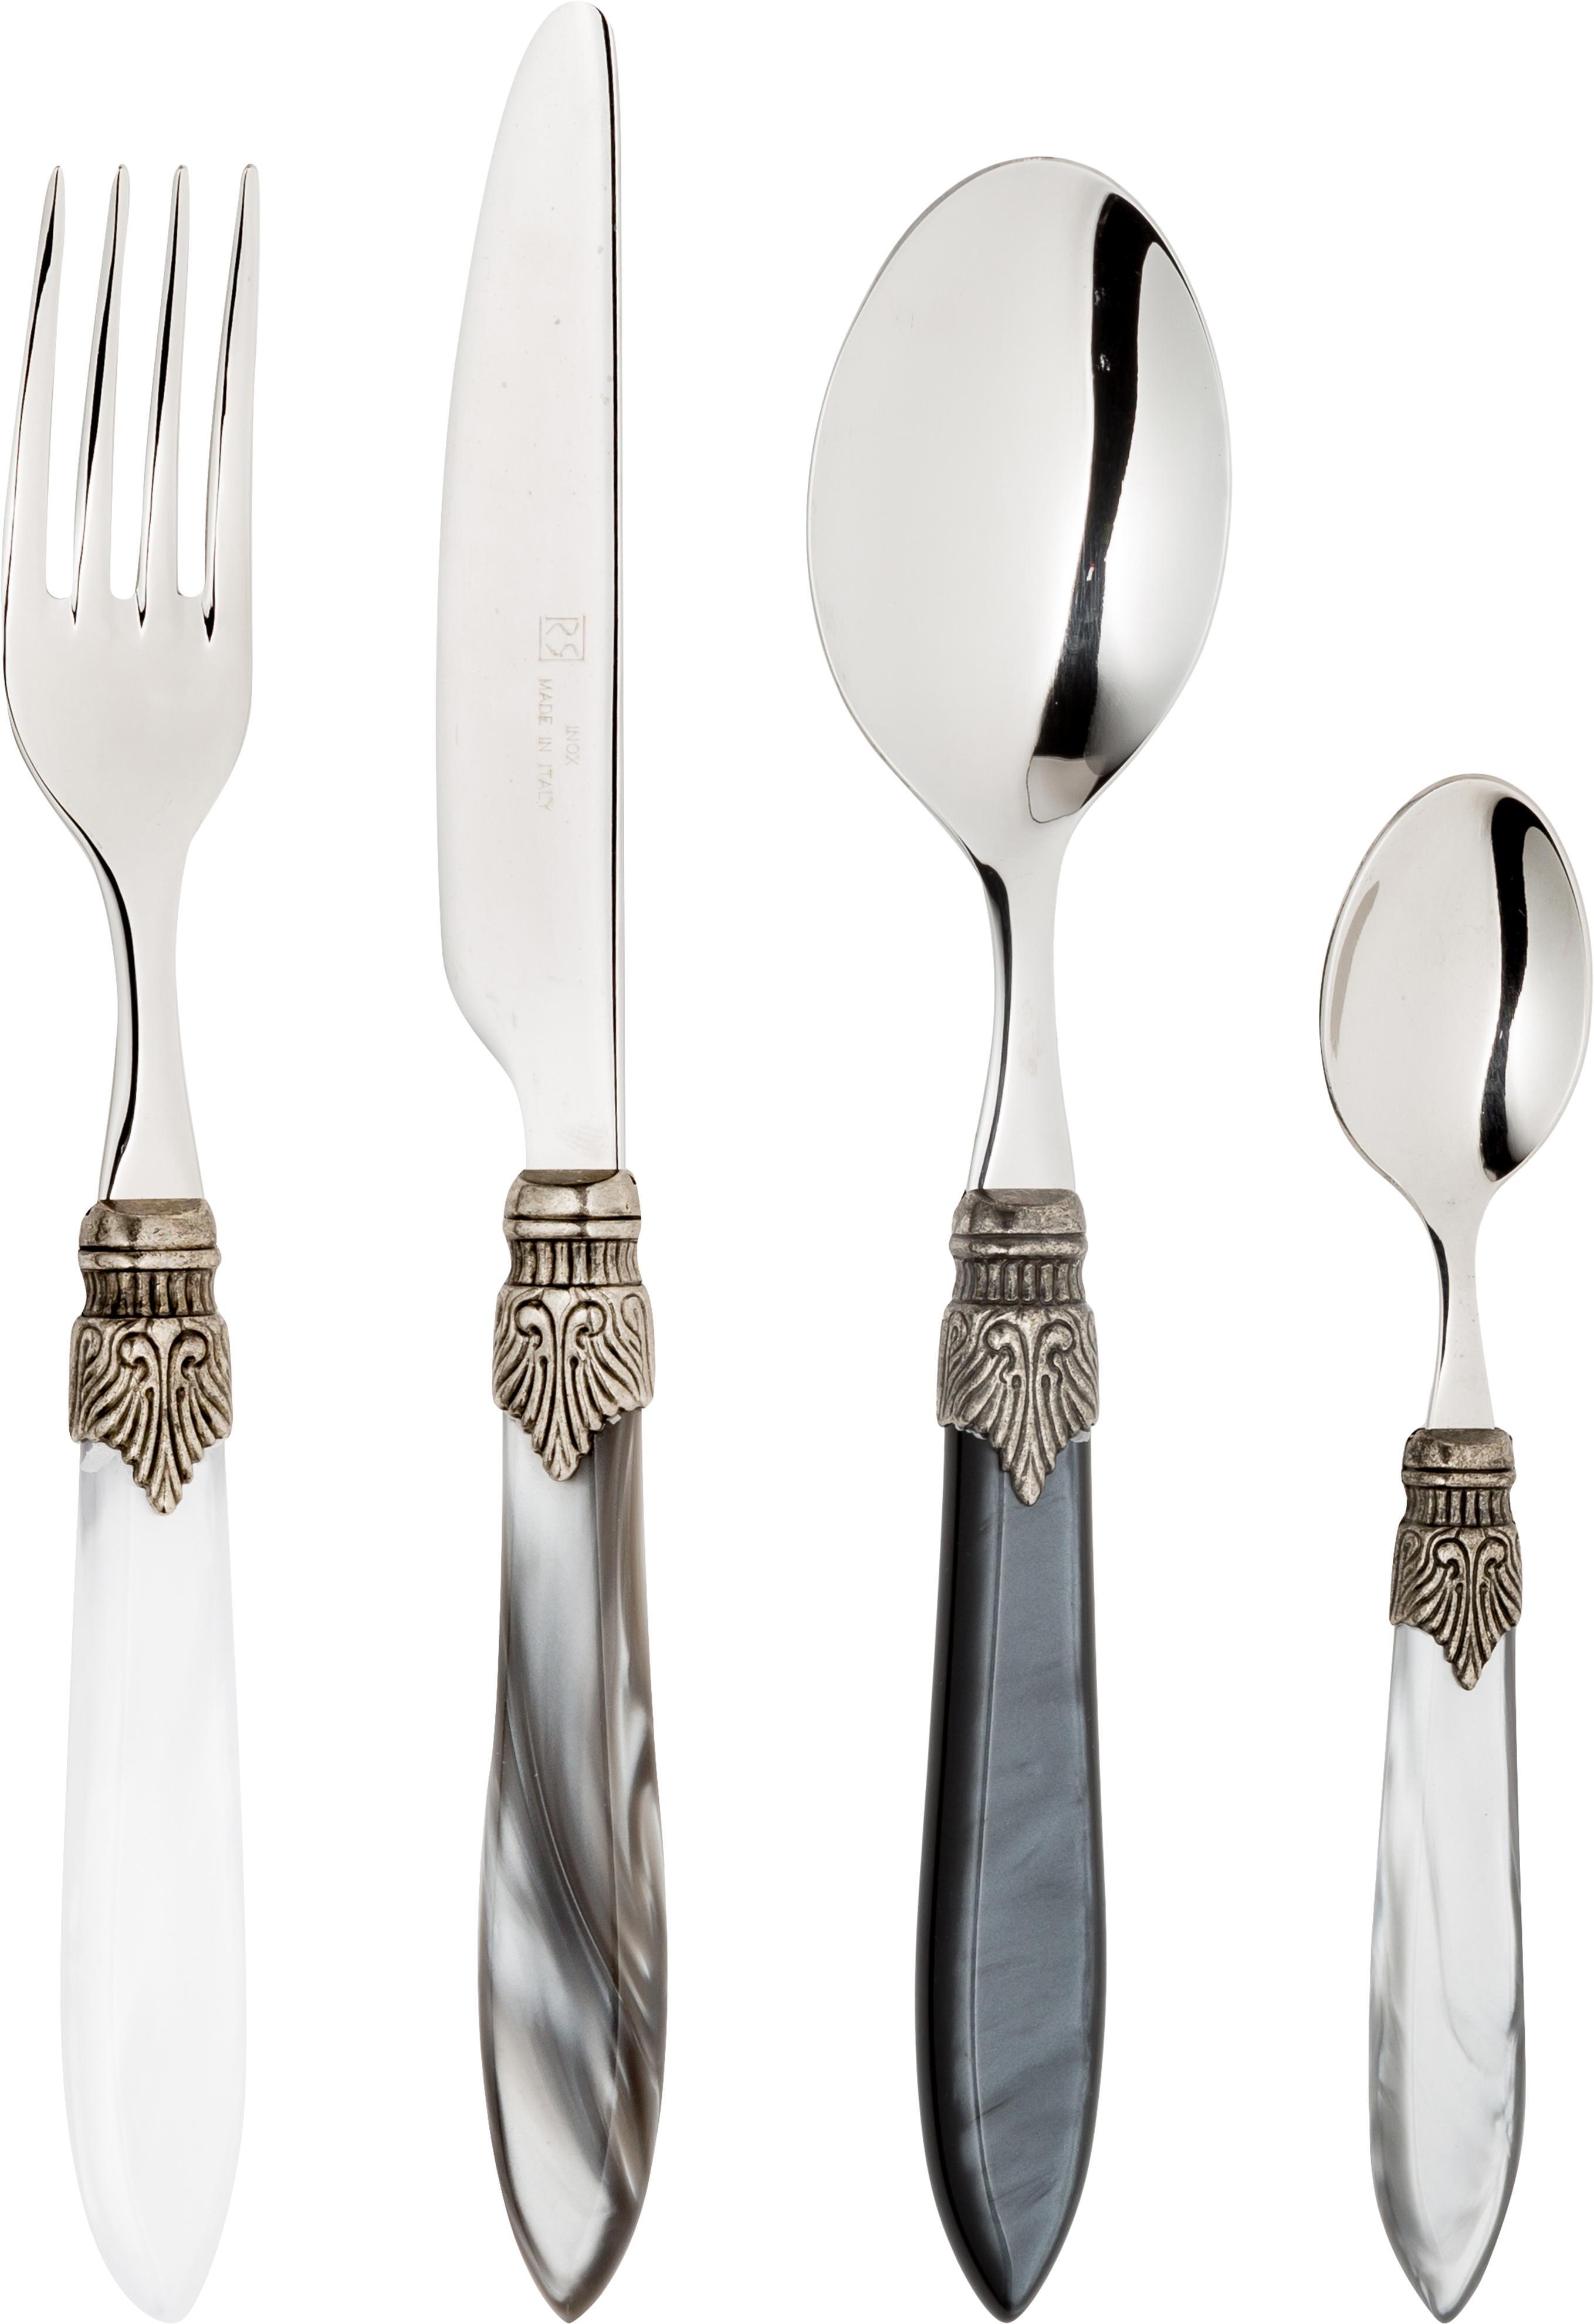 Zilveren bestekset Murano van 18/10 edelstaal, 6 personen (24-delig), Grijs, Set met verschillende formaten